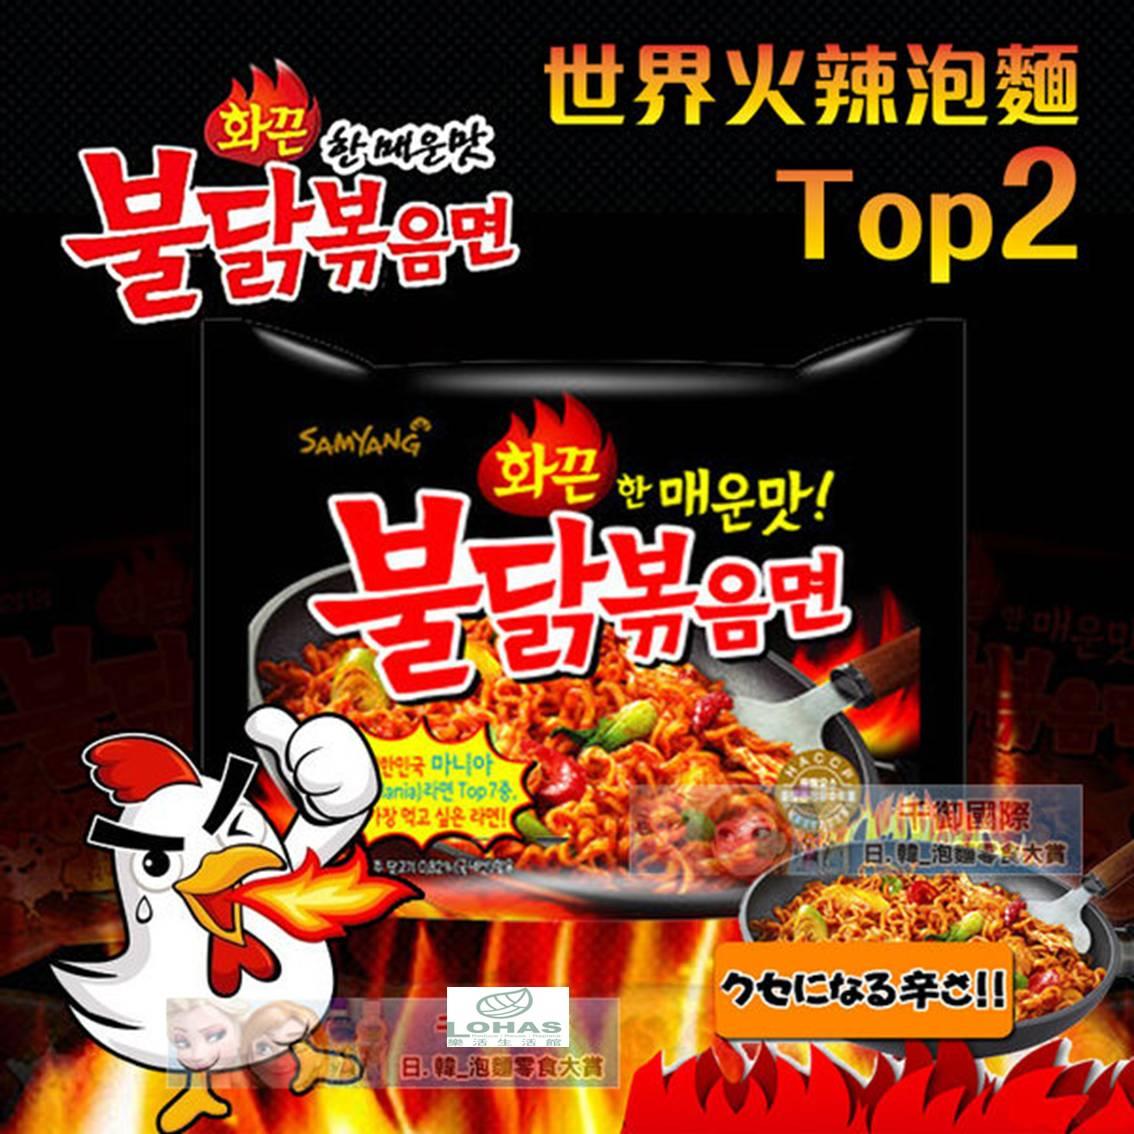 下殺↘$38.00 韓國 三養火辣雞肉風味炒麵 全球最辣泡麵TOP2   【樂活生活館】